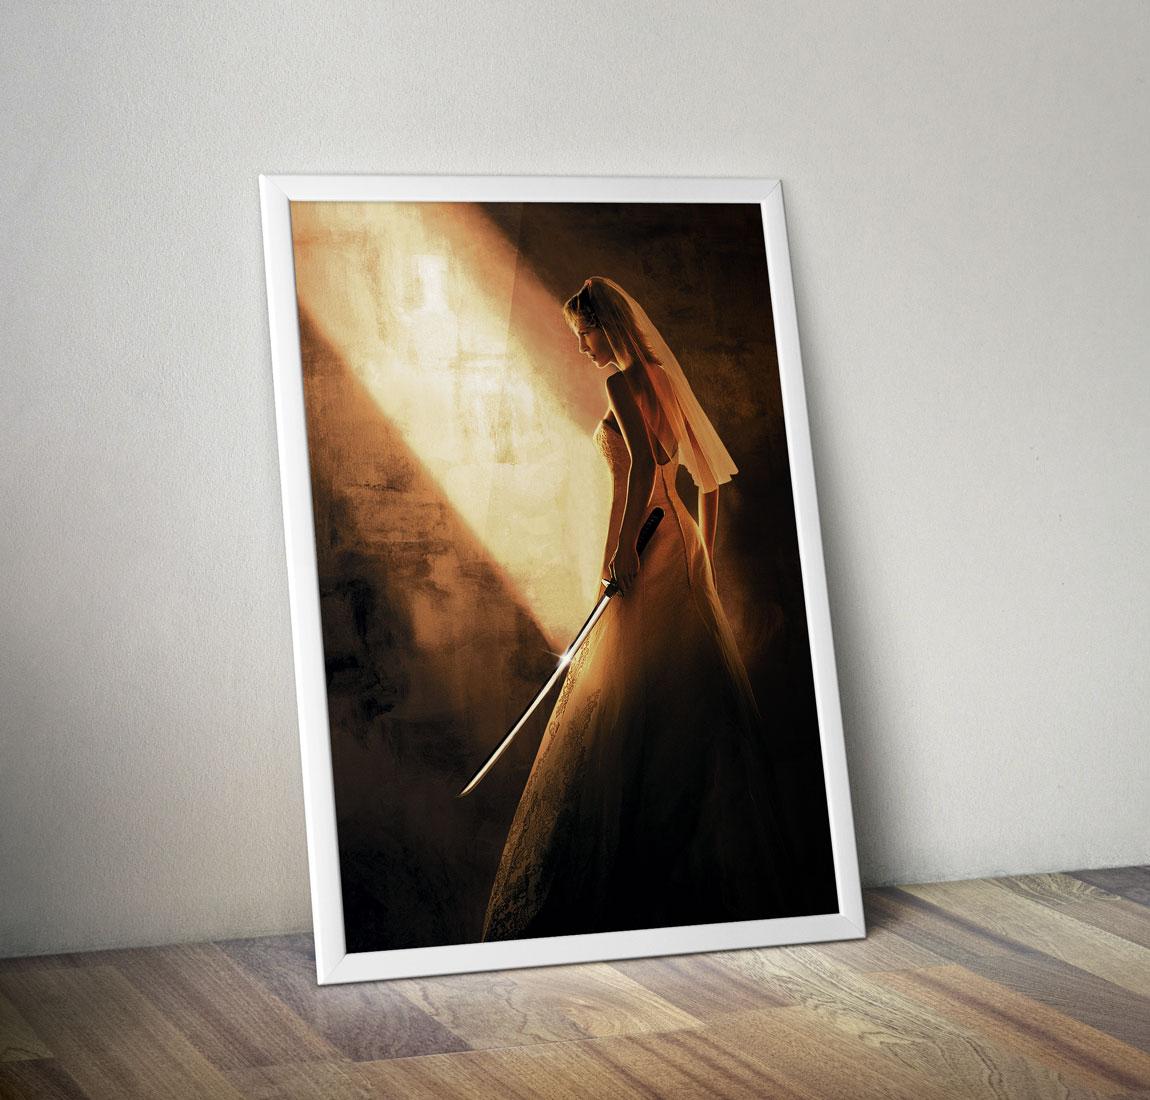 Large poster frames 40x60